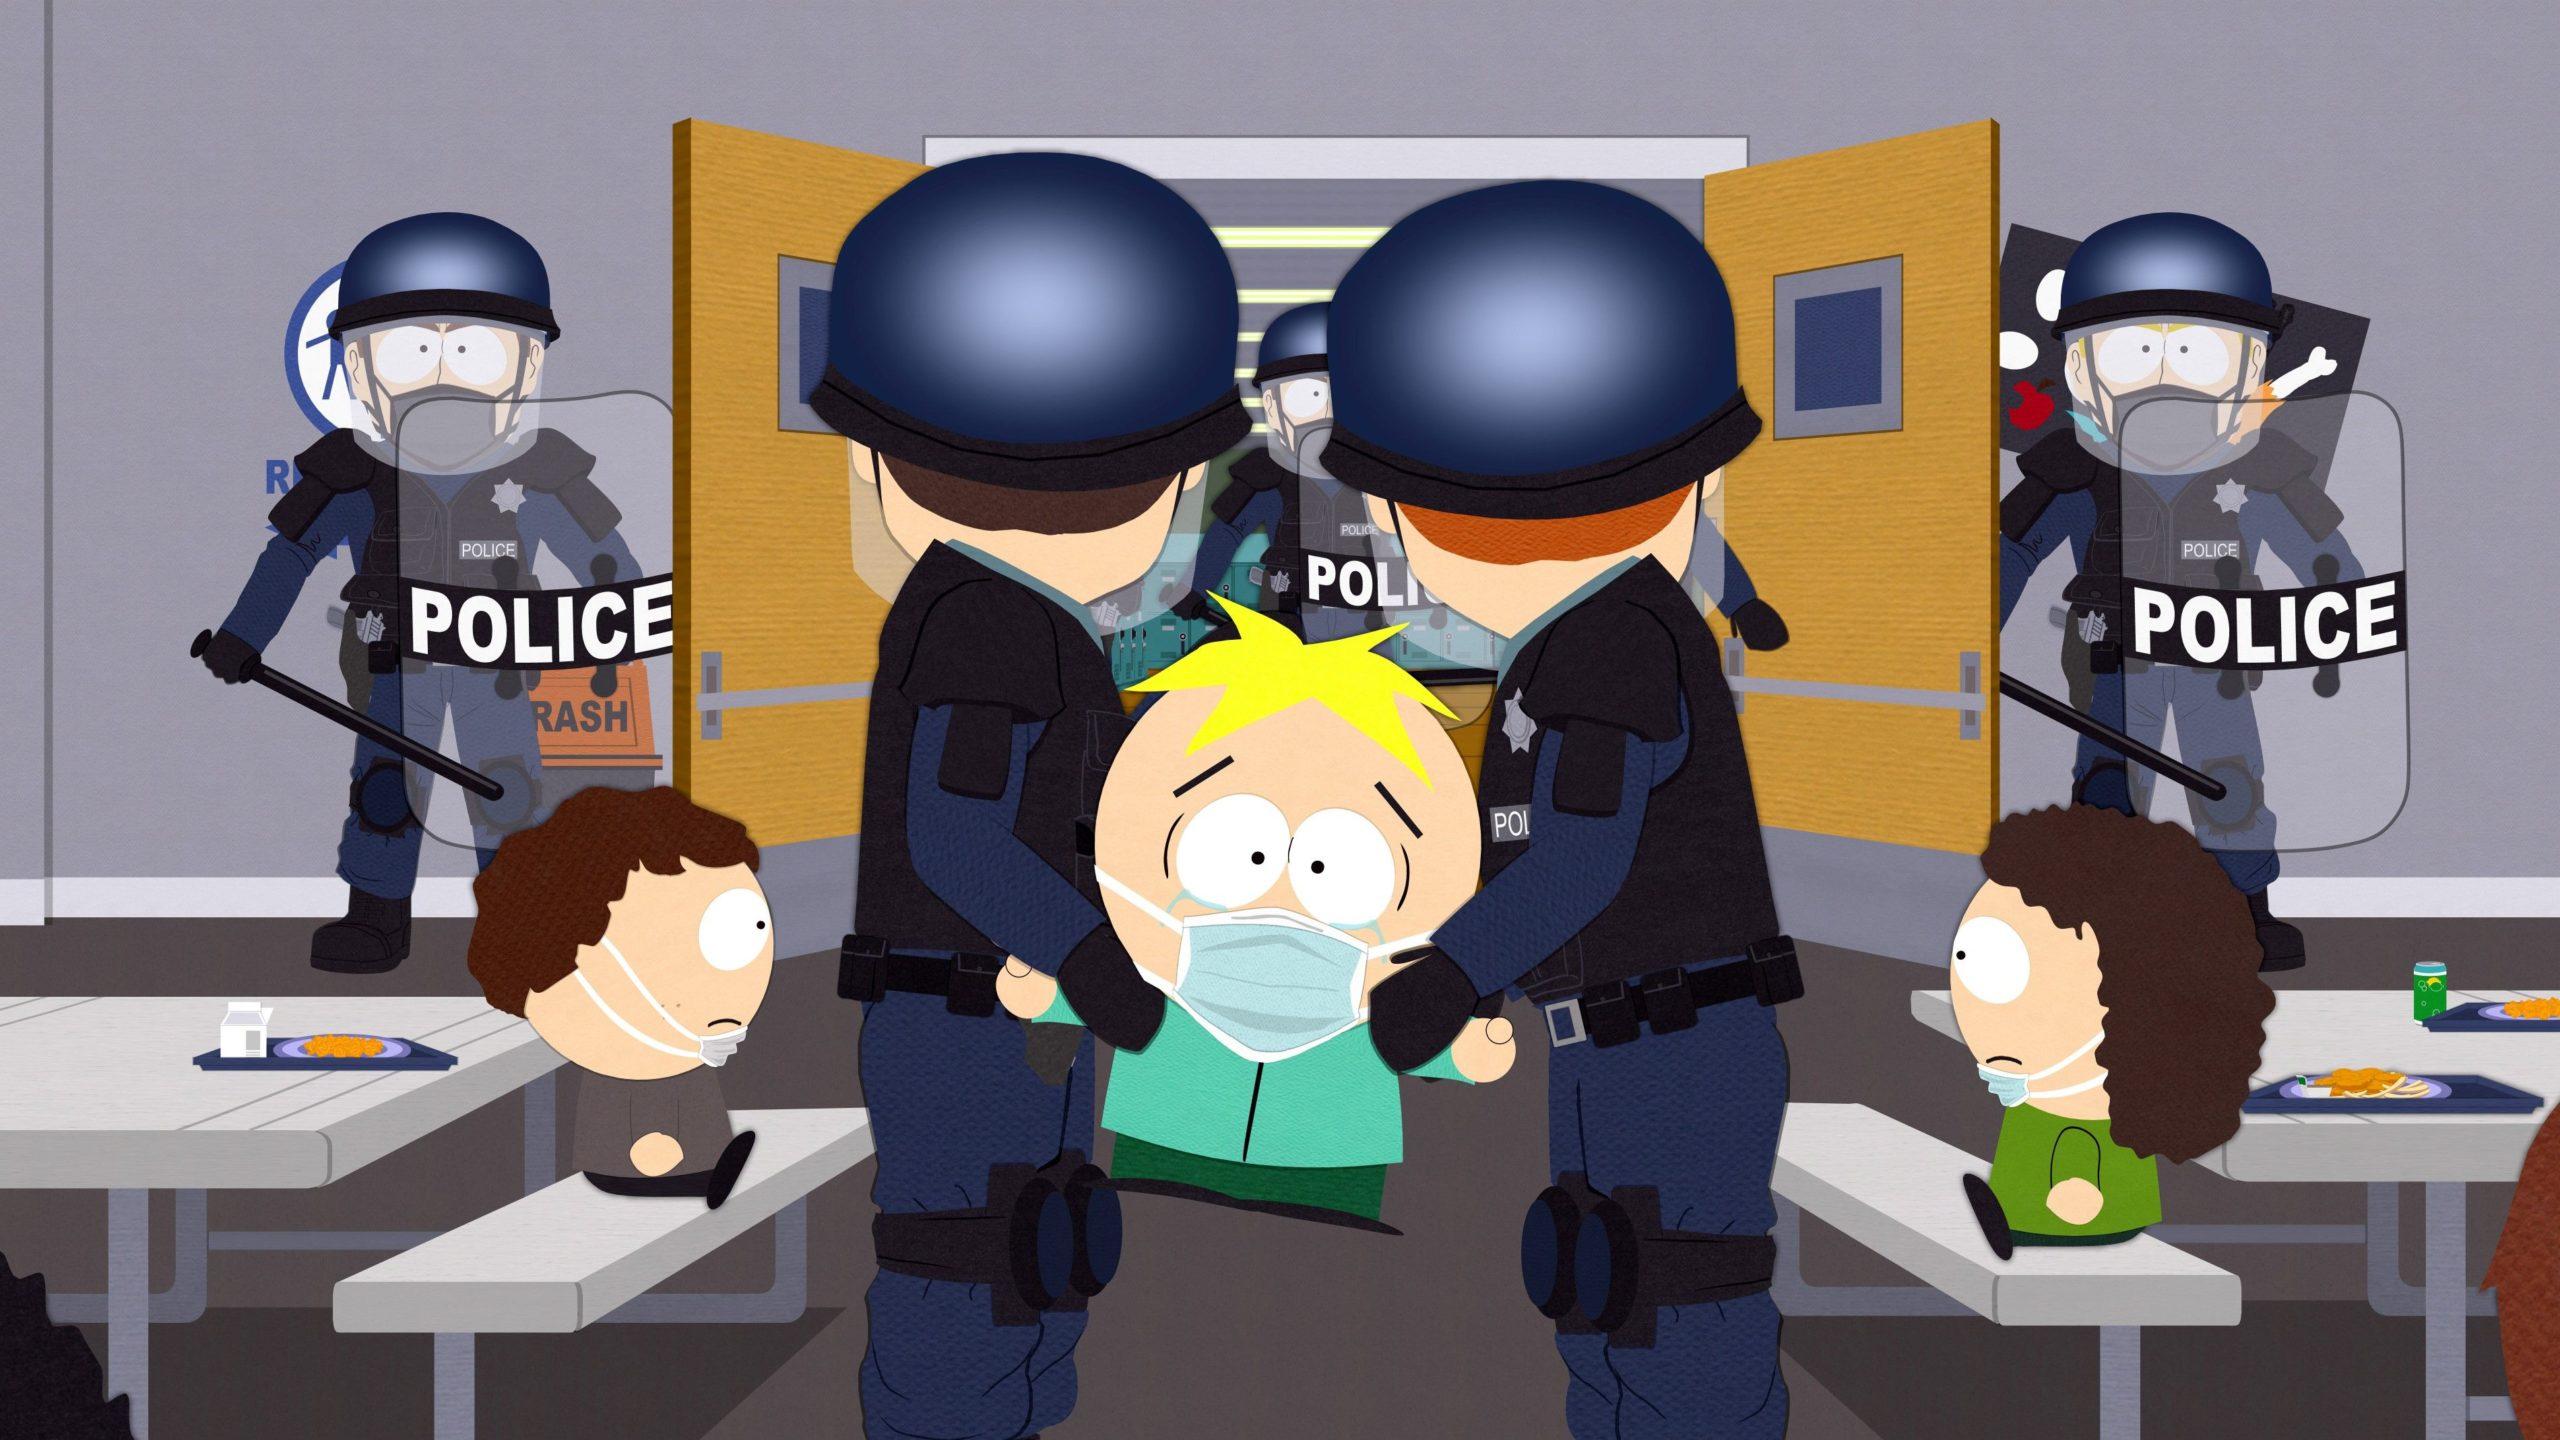 Cena da série South Park. Na animação, há um personagem sendo levado por dois policiais brancos. Ele também é branco, possui cabelos amarelos, usa máscara de cor azul claro, veste uma blusa ciano e uma calça verde. Eles estão em um refeitório, e os policiais vestem roupa azul, capacete azul, colete na cor preta, cinto na cor preta e joelheiras na cor preta.